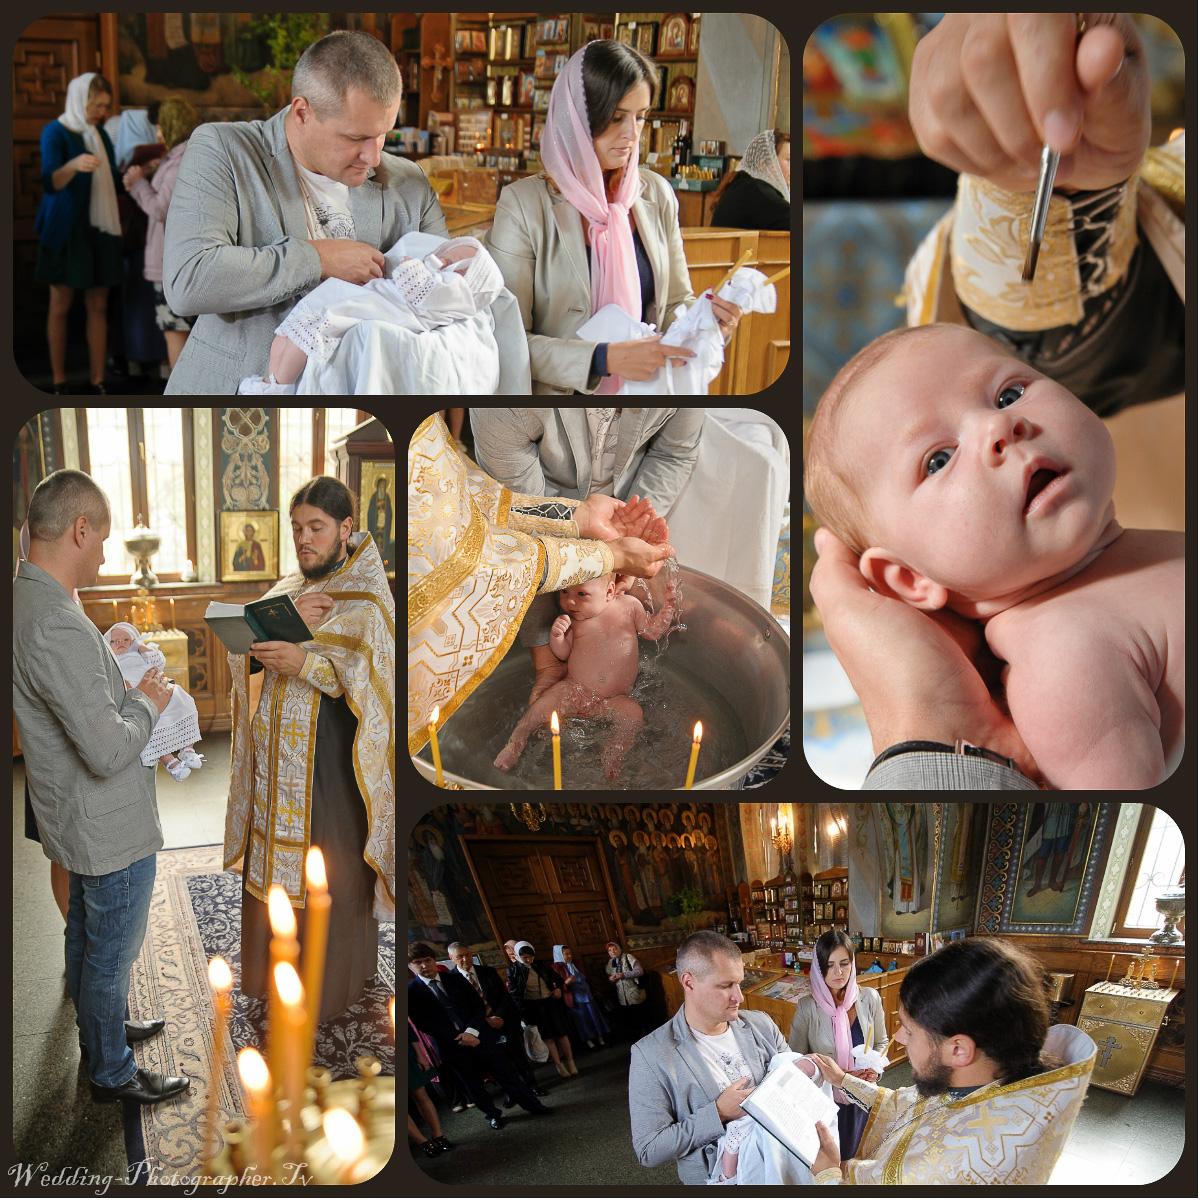 популярное фотографии крестин в церкви другой версии